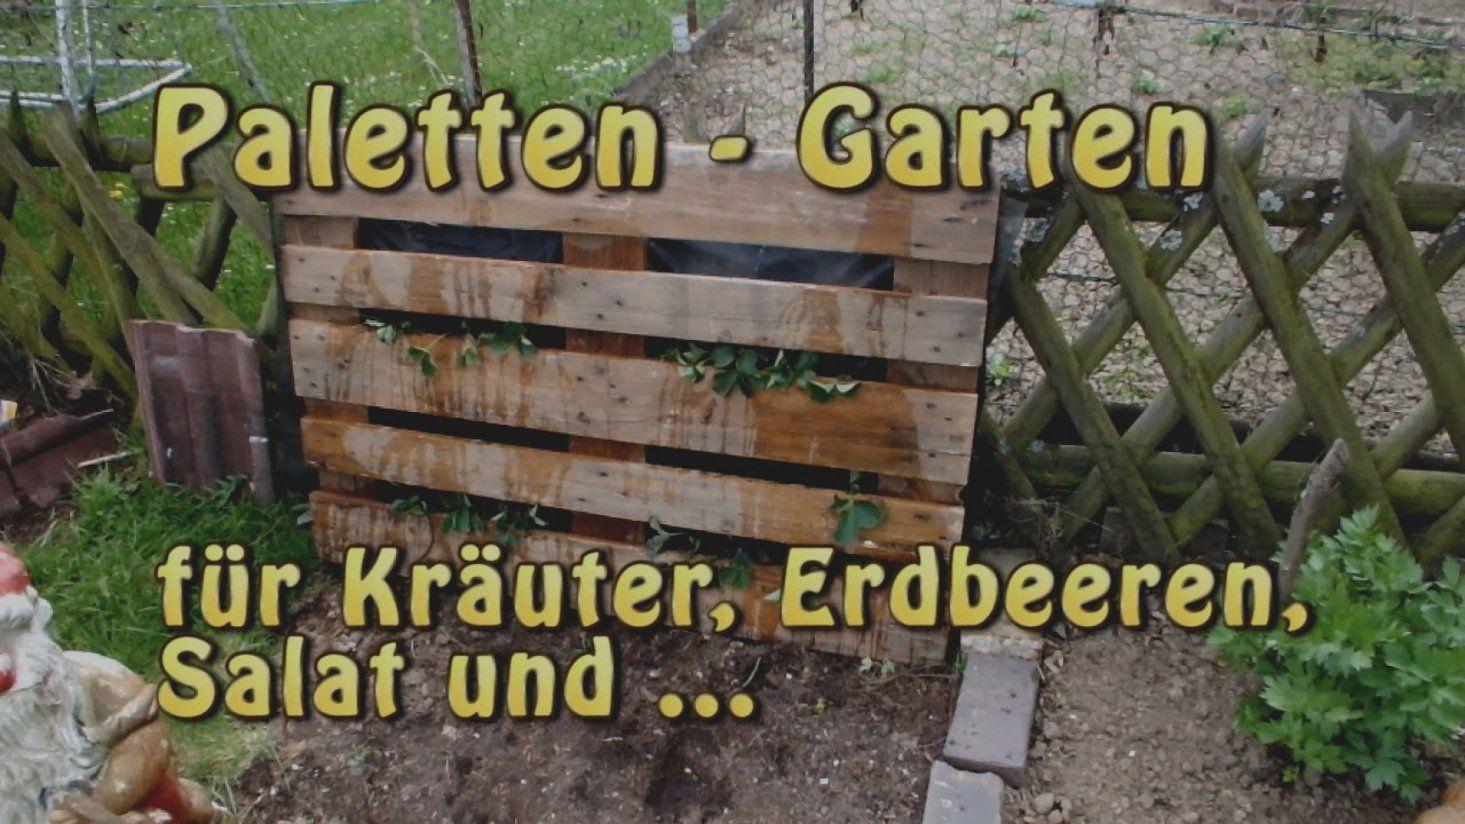 Erstaunlich Gartenideen Zum Selber Machen Innenarchitektur Kleines von Gartenideen Zum Selber Machen Photo